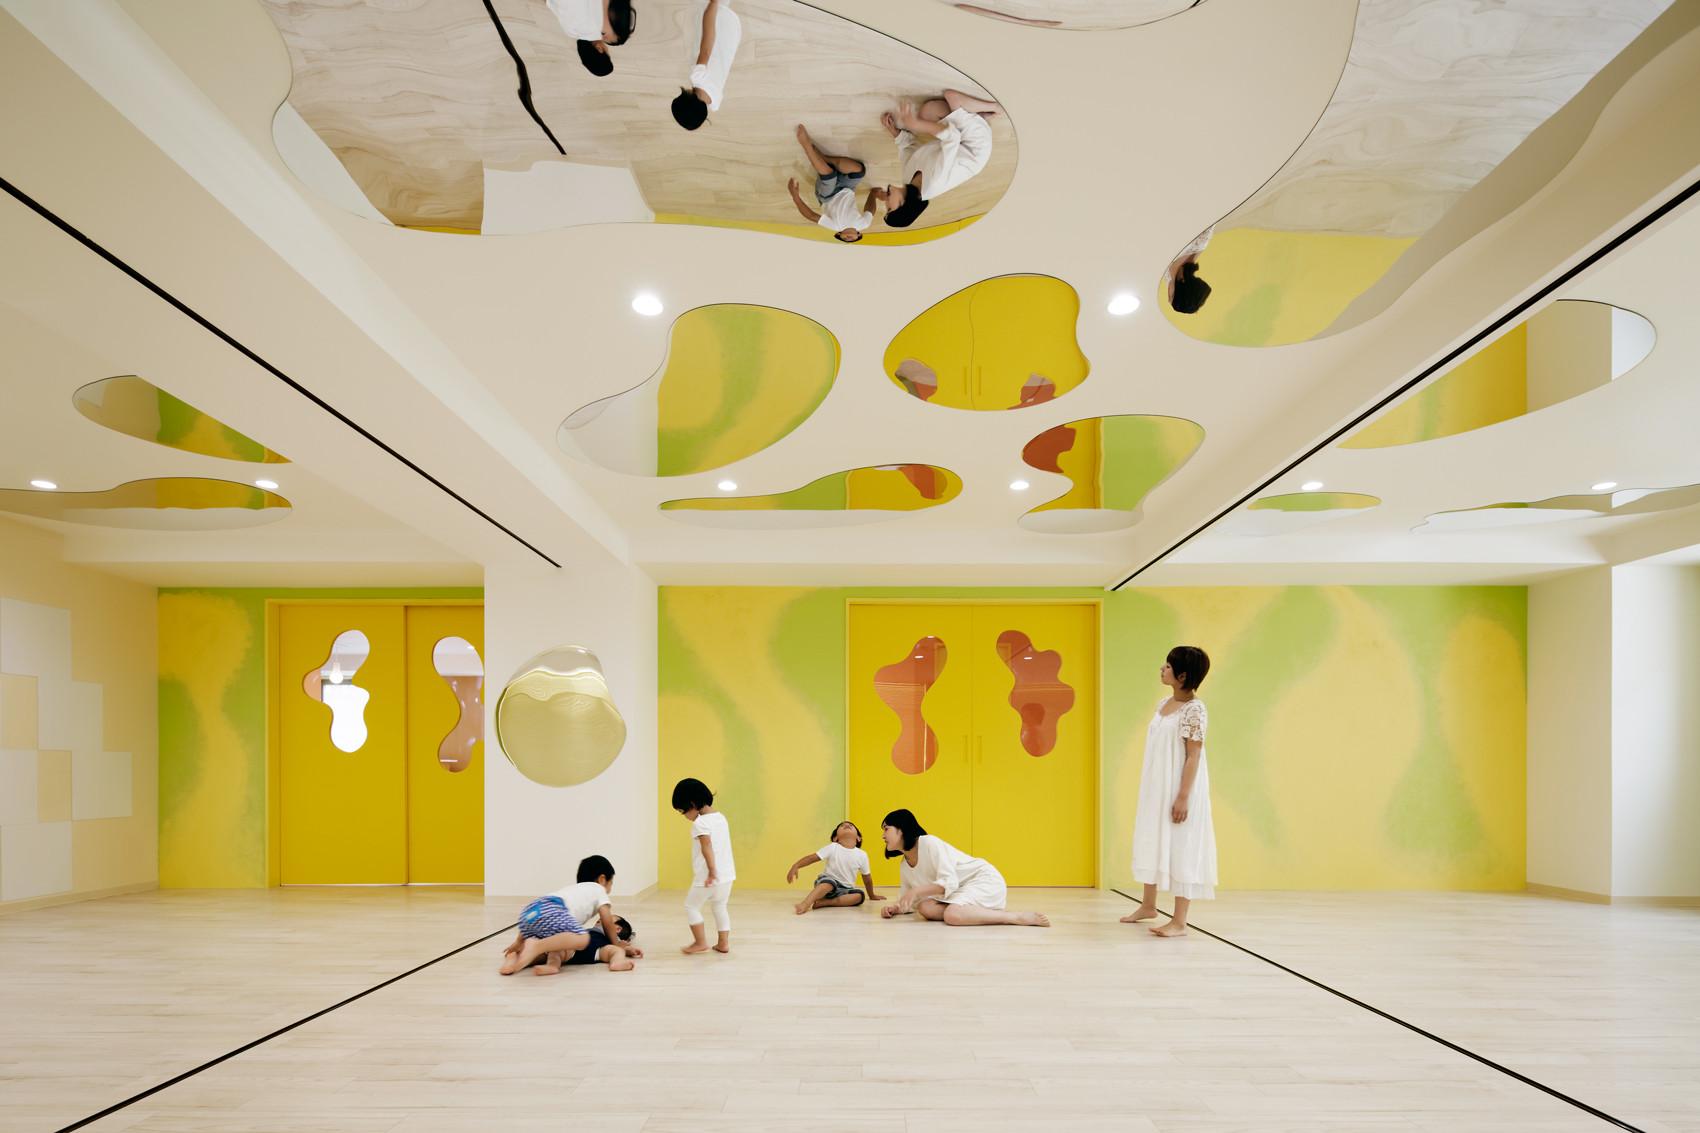 LHM Kindergarten / Moriyuki Ochiai Architects, © Atsushi Ishida